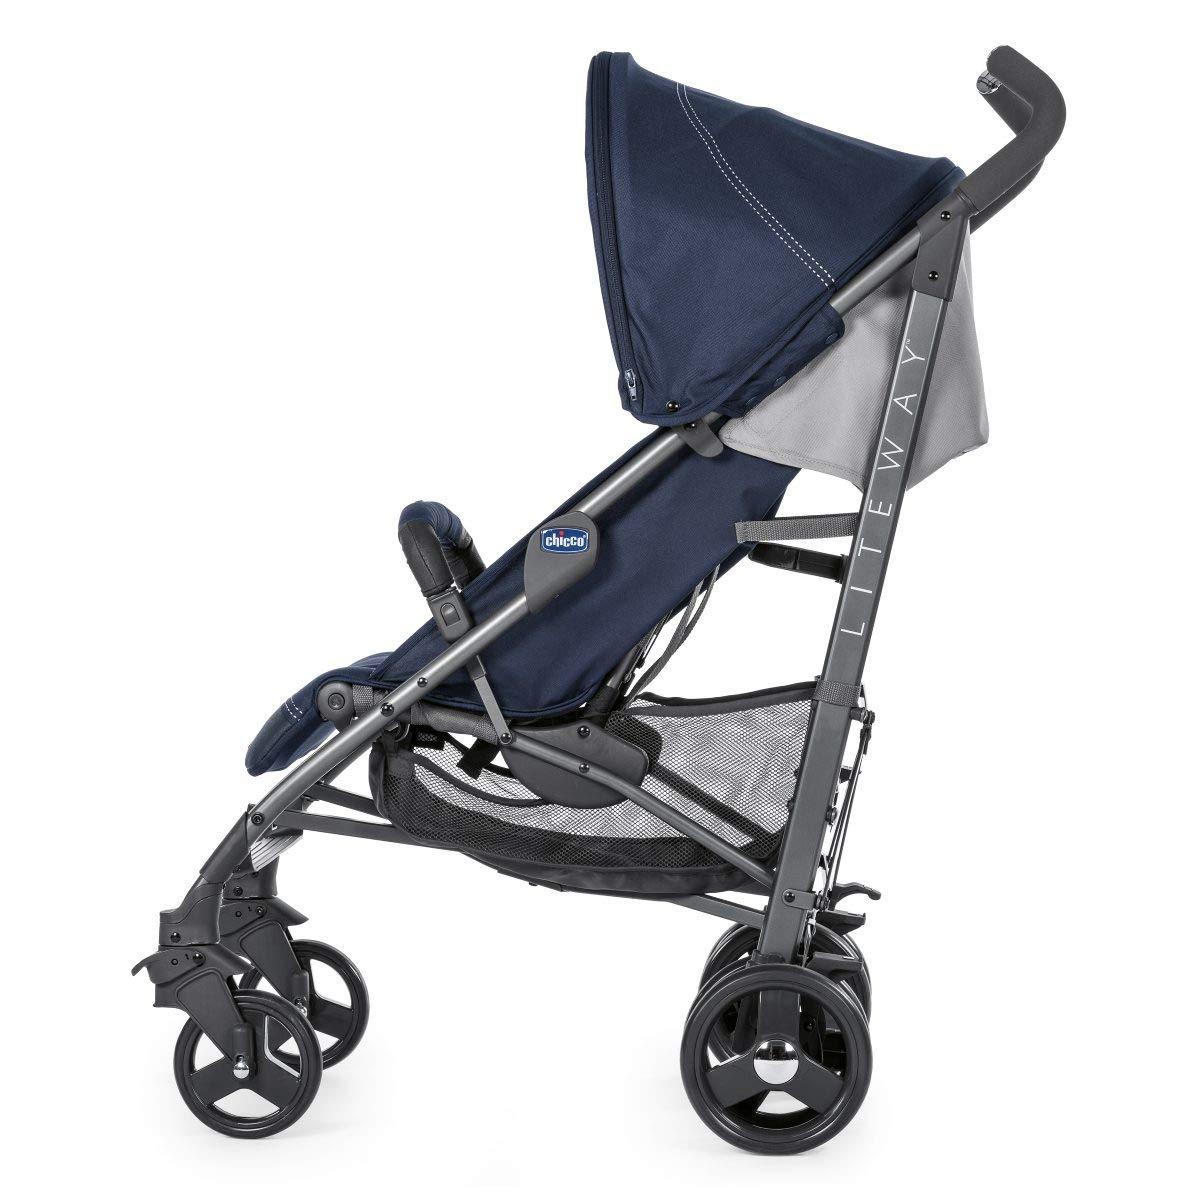 Chicco Liteway 3 Silla de paseo plegable y multifuncional, Unisex Bambini, Azul (India iIk)